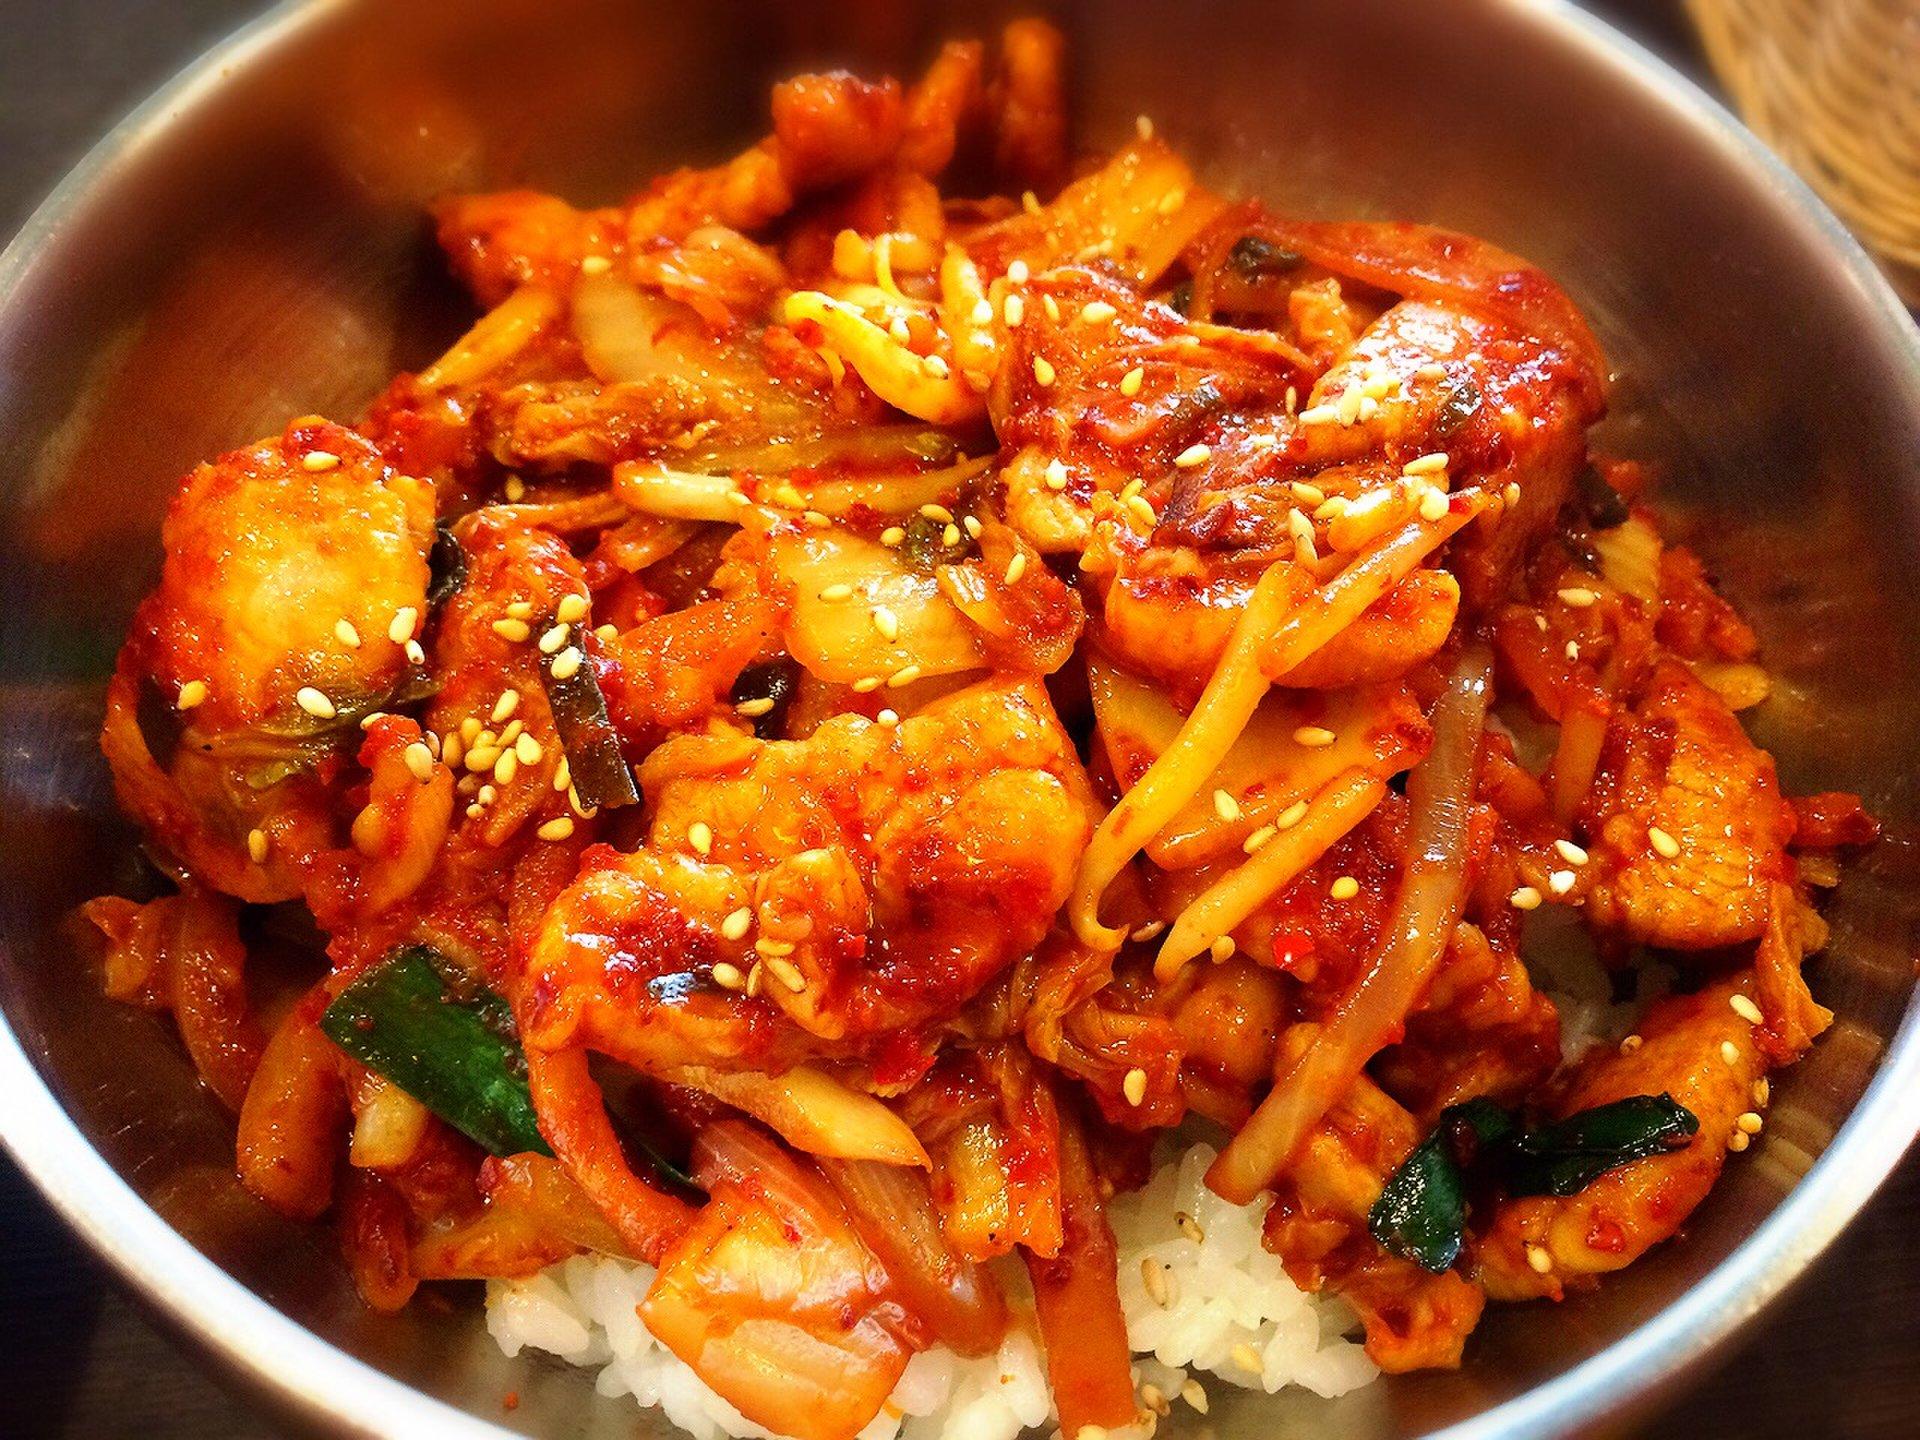 新宿でランチに迷ったときは韓国料理を食べに行こう♪ナムル食べ放題や美味しい500円ランチをご紹介します!